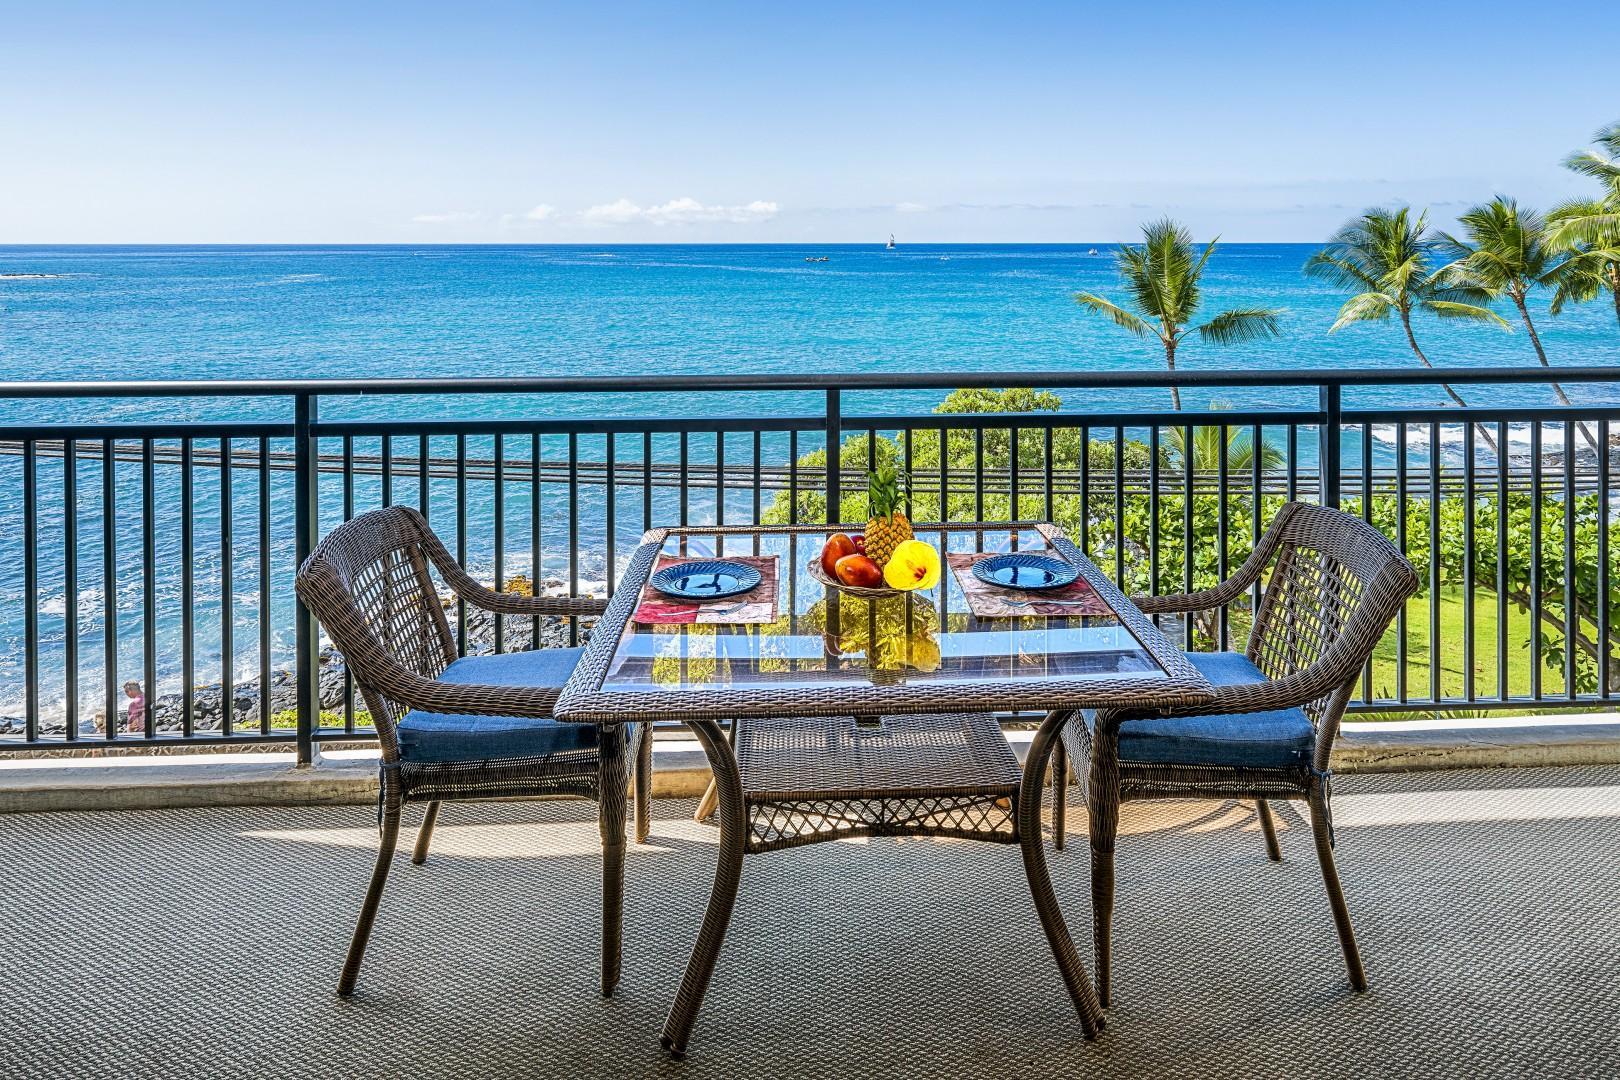 Outdoor dining on the Lanai overlooking the beautiful Kona coast